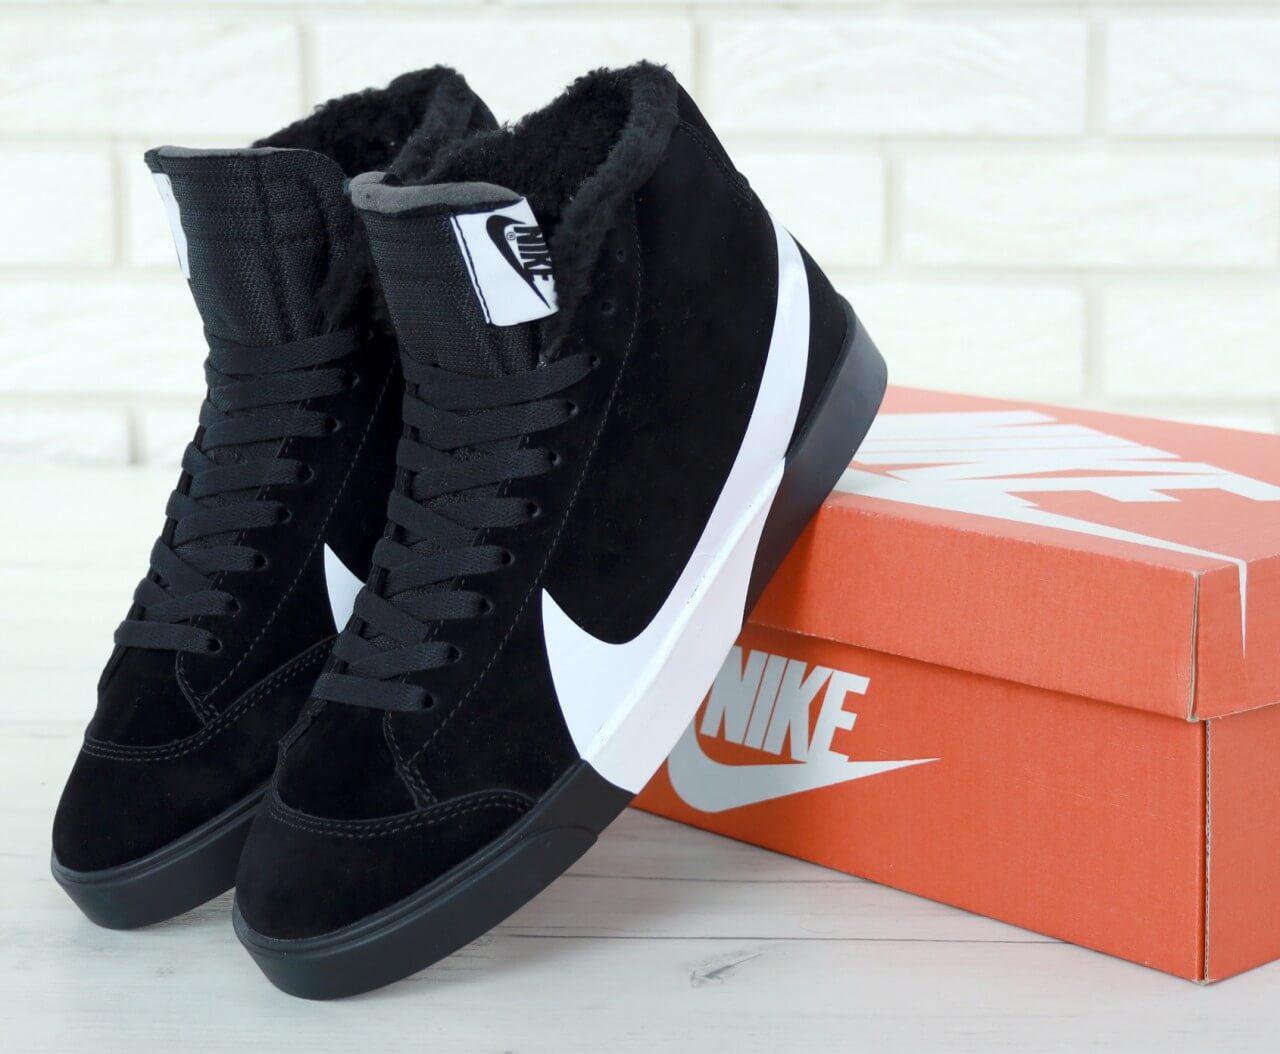 Мужские зимние высокие кроссовки с мехом Nike Blazer Mid Black Winter